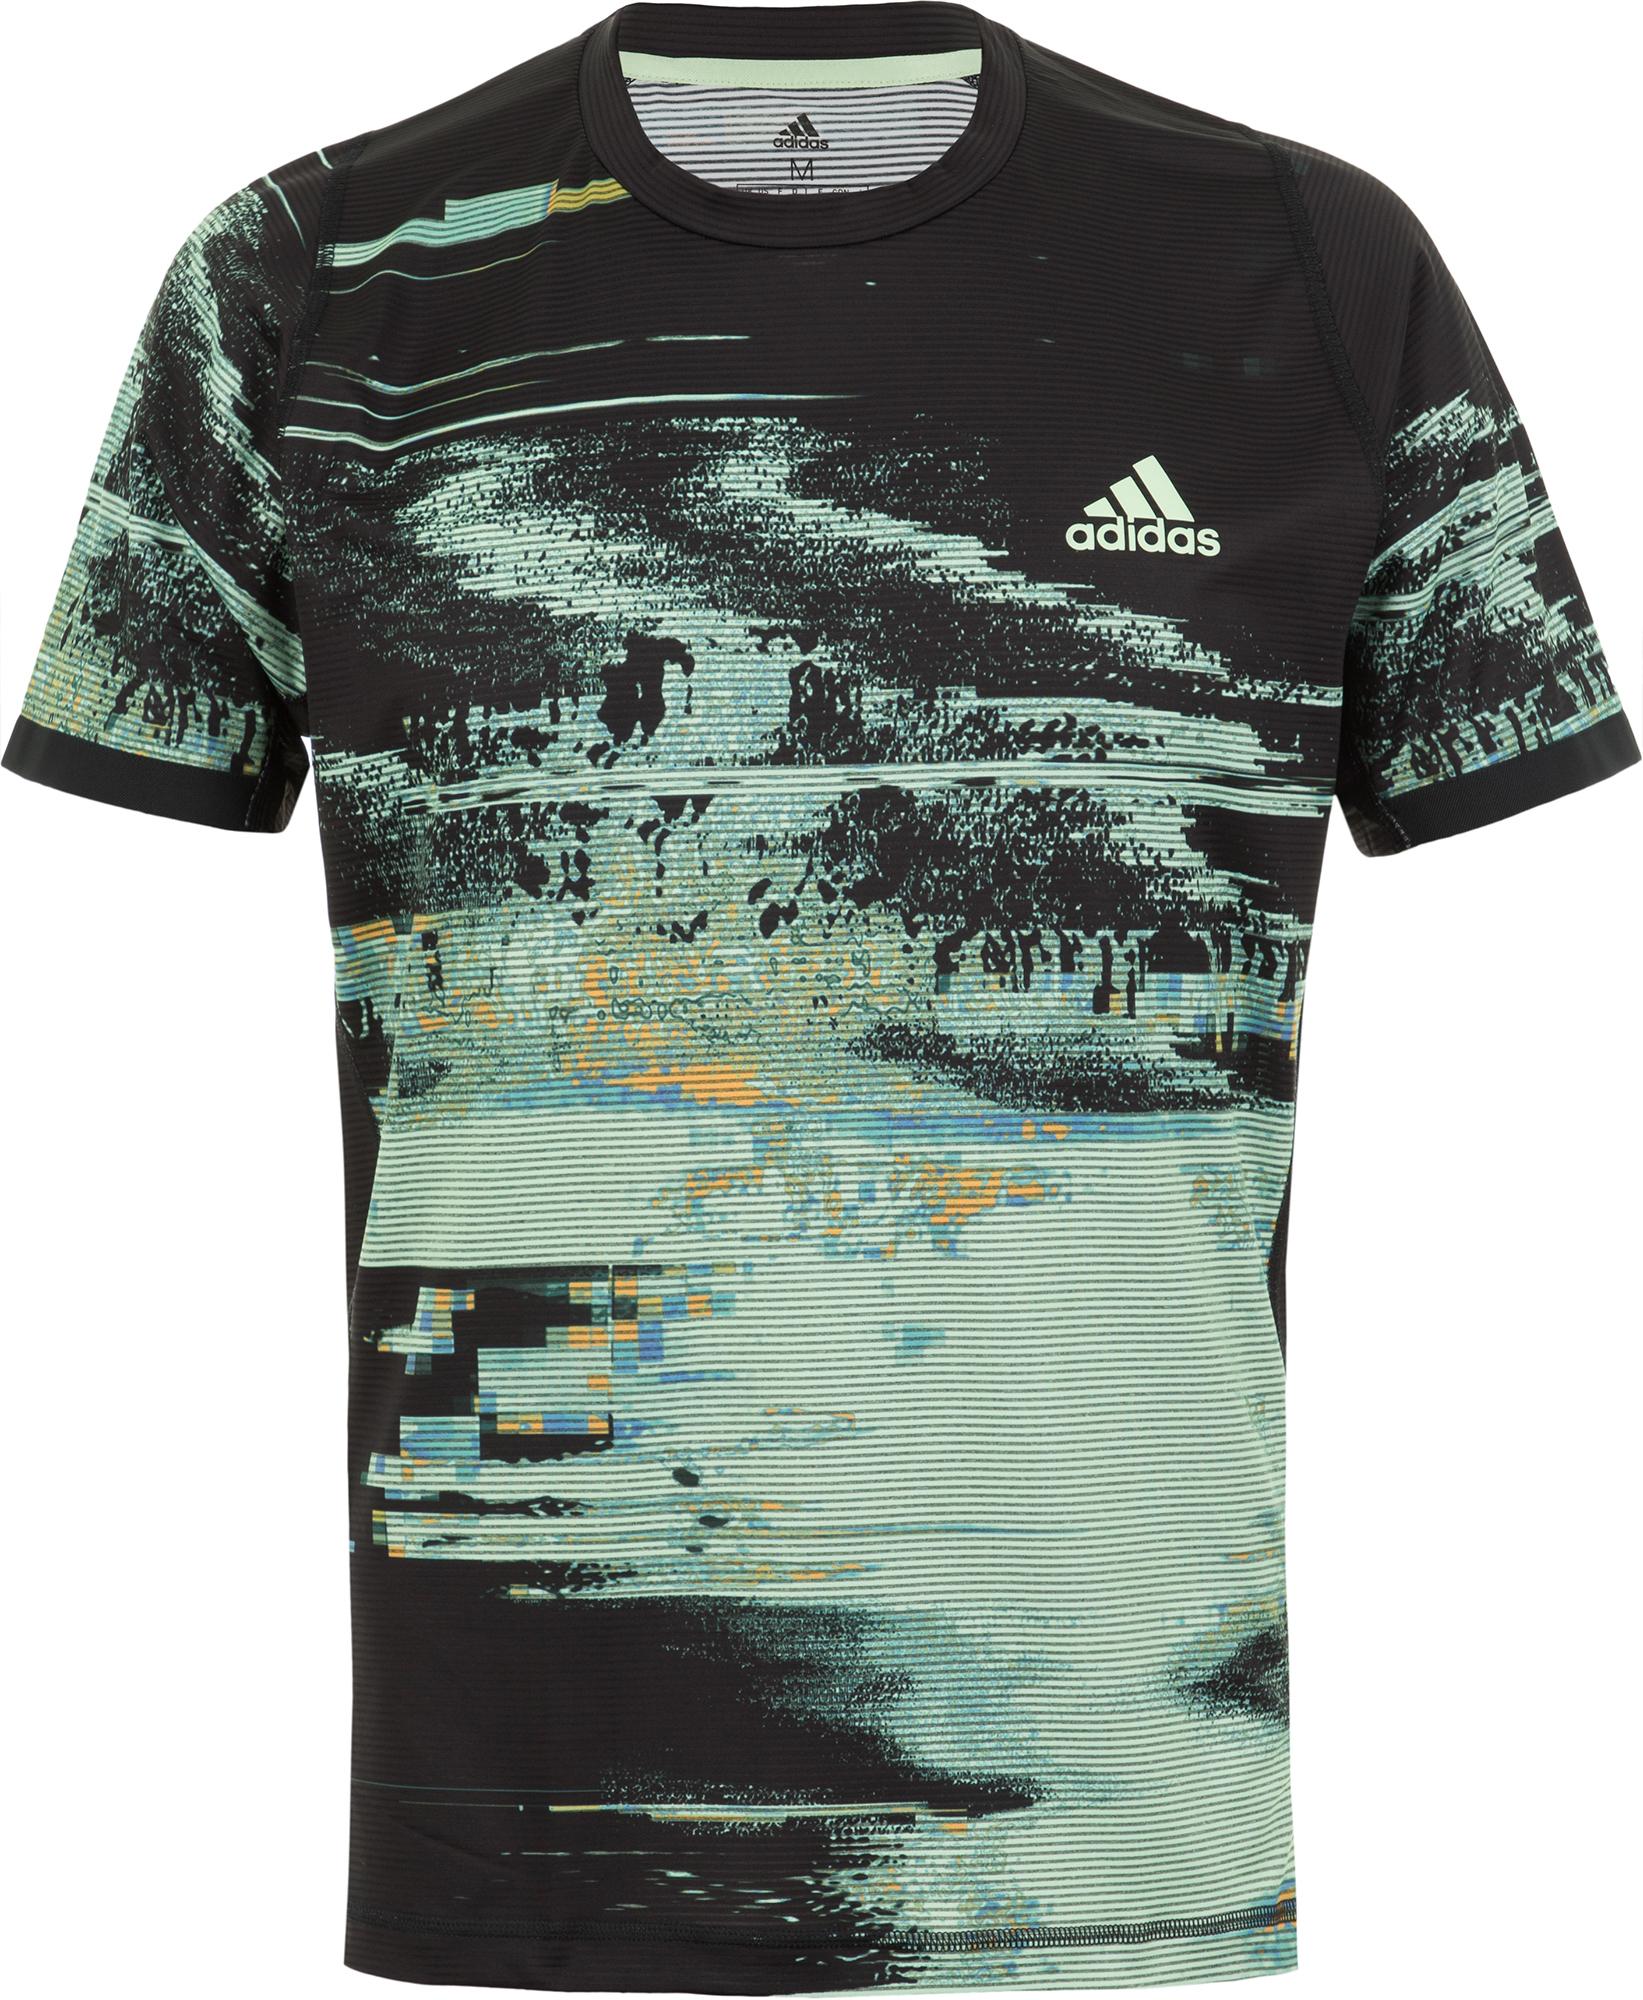 Adidas Футболка мужская New York, размер 50